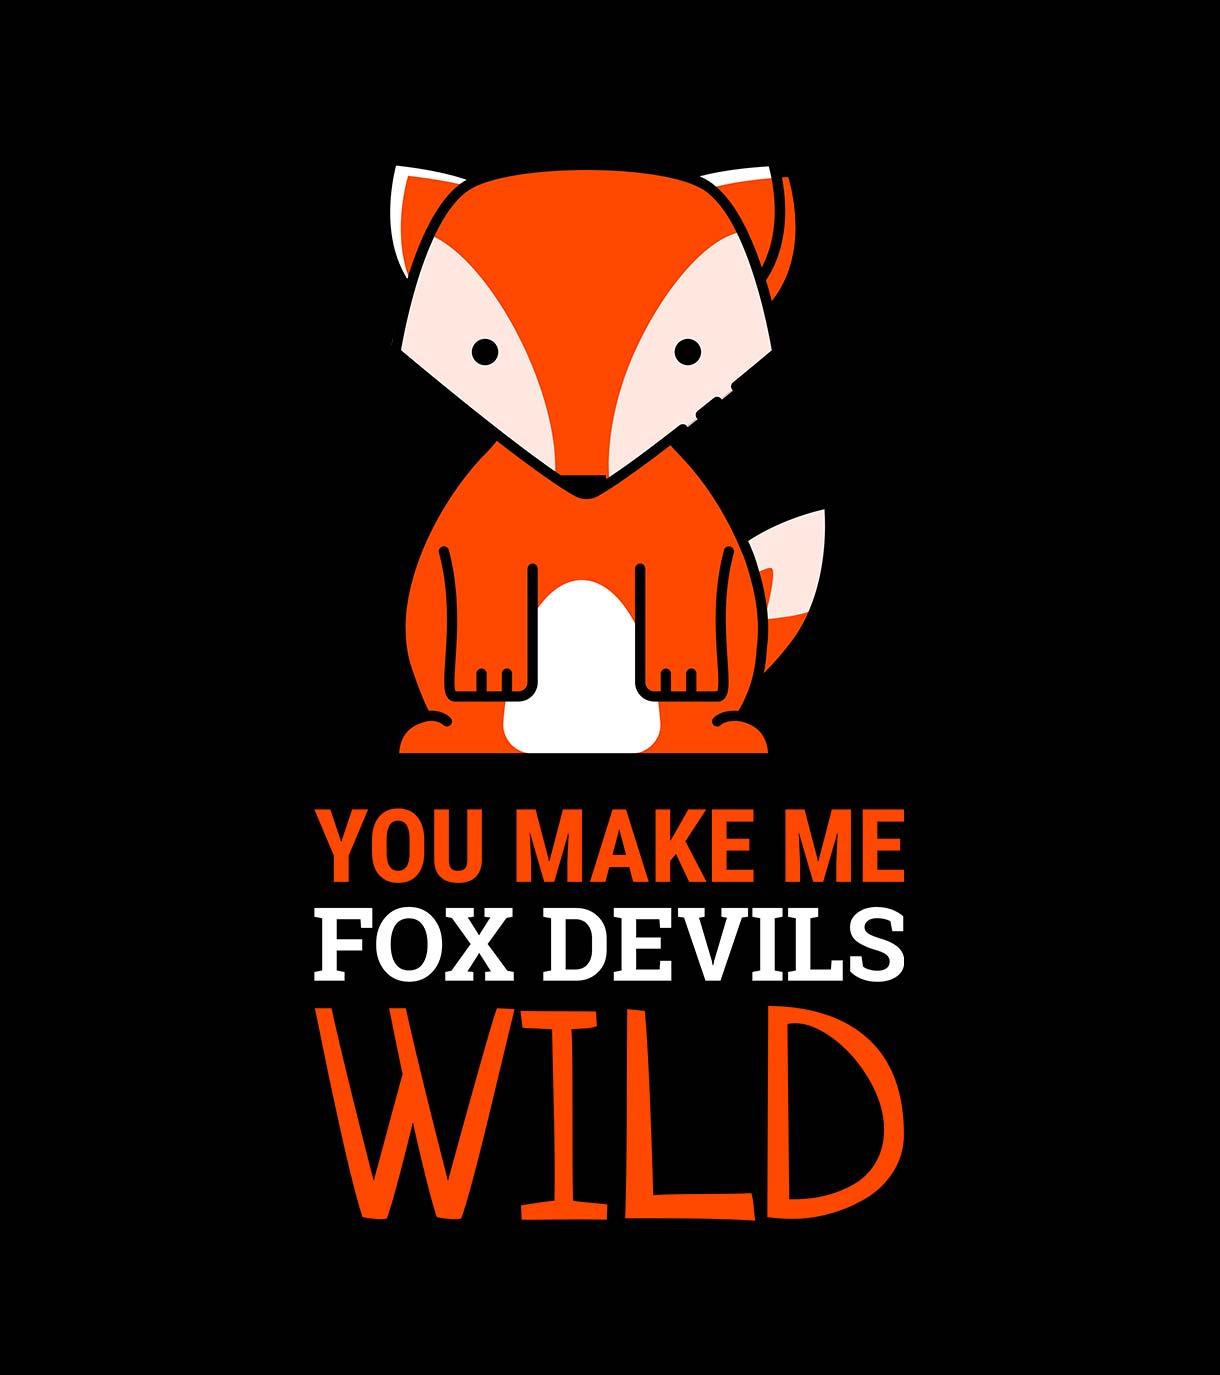 denglisch - fox devils wild